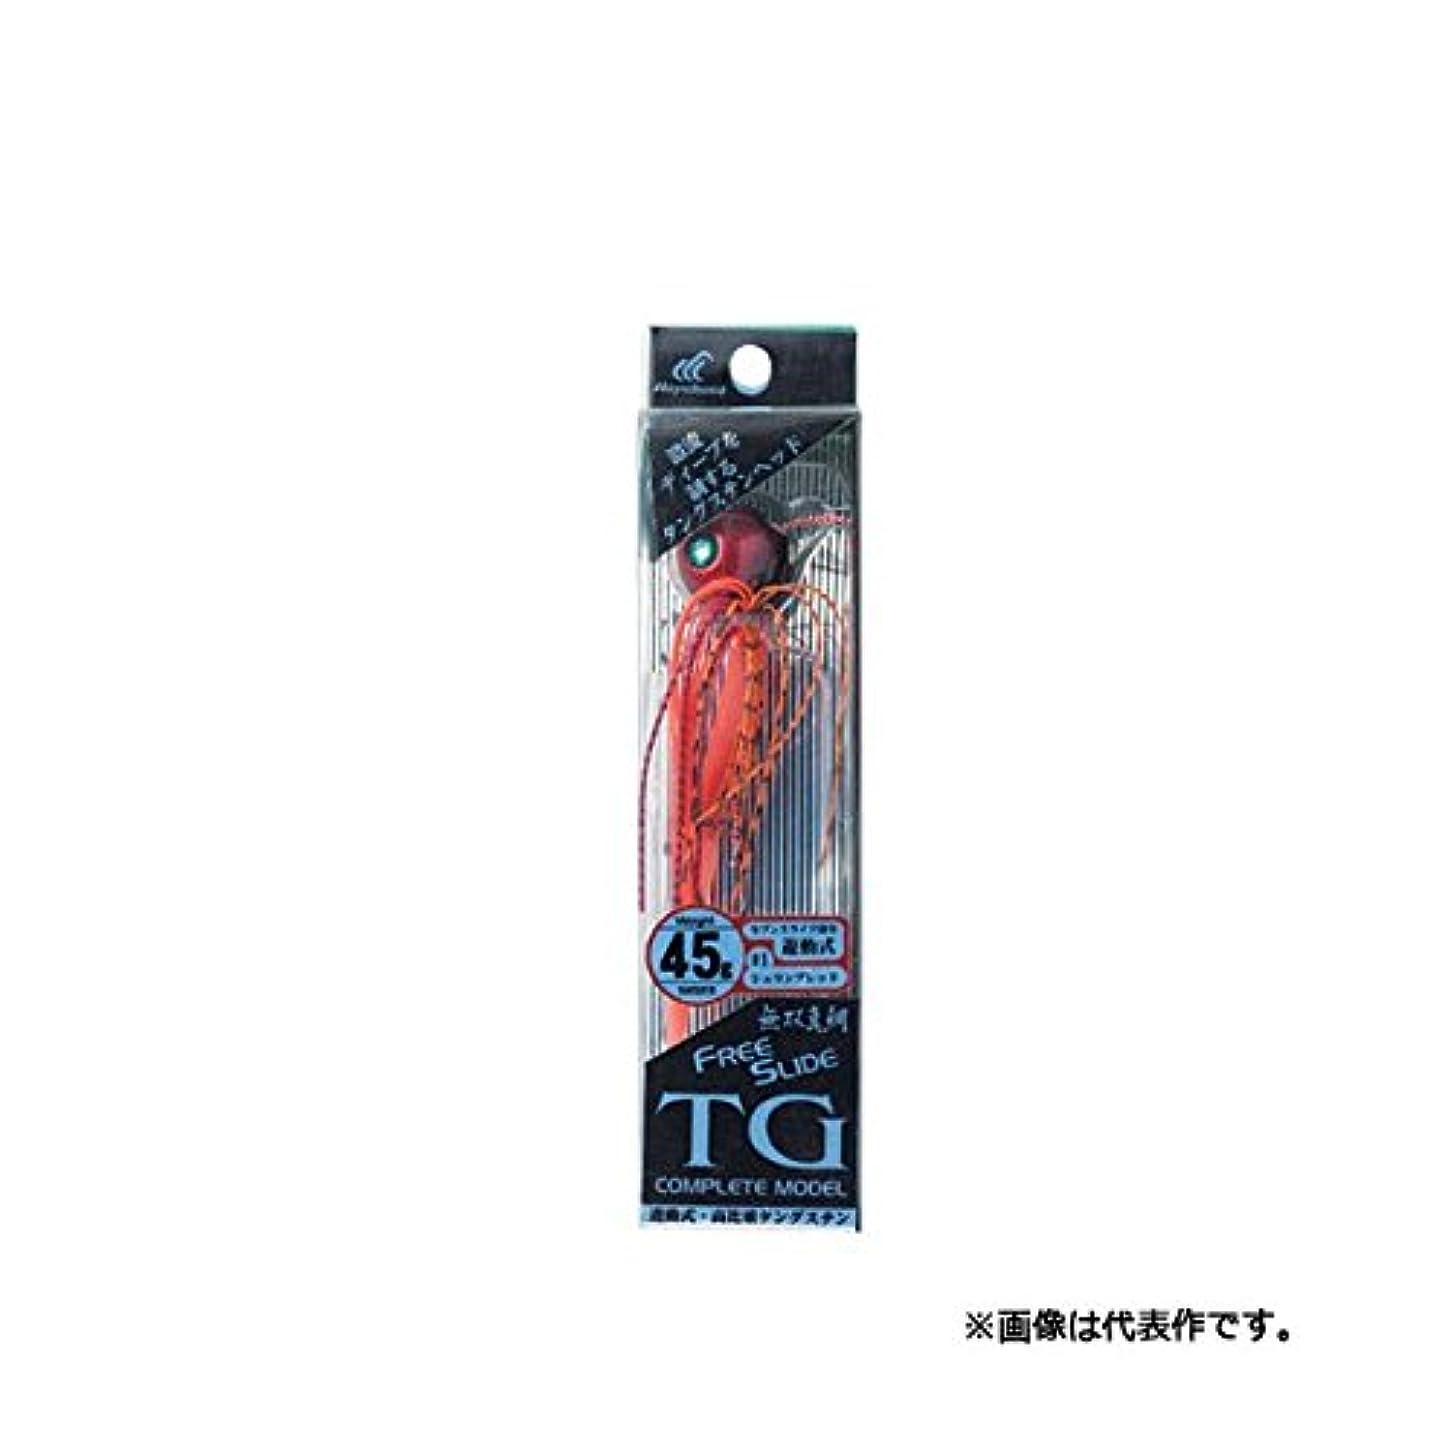 プロポーショナルコンパス球状ハヤブサ(Hayabusa) タイラバ 無双真鯛フリースライド TGヘッド コンプリートモデル 45g オレンジゴールド SE123-45-2